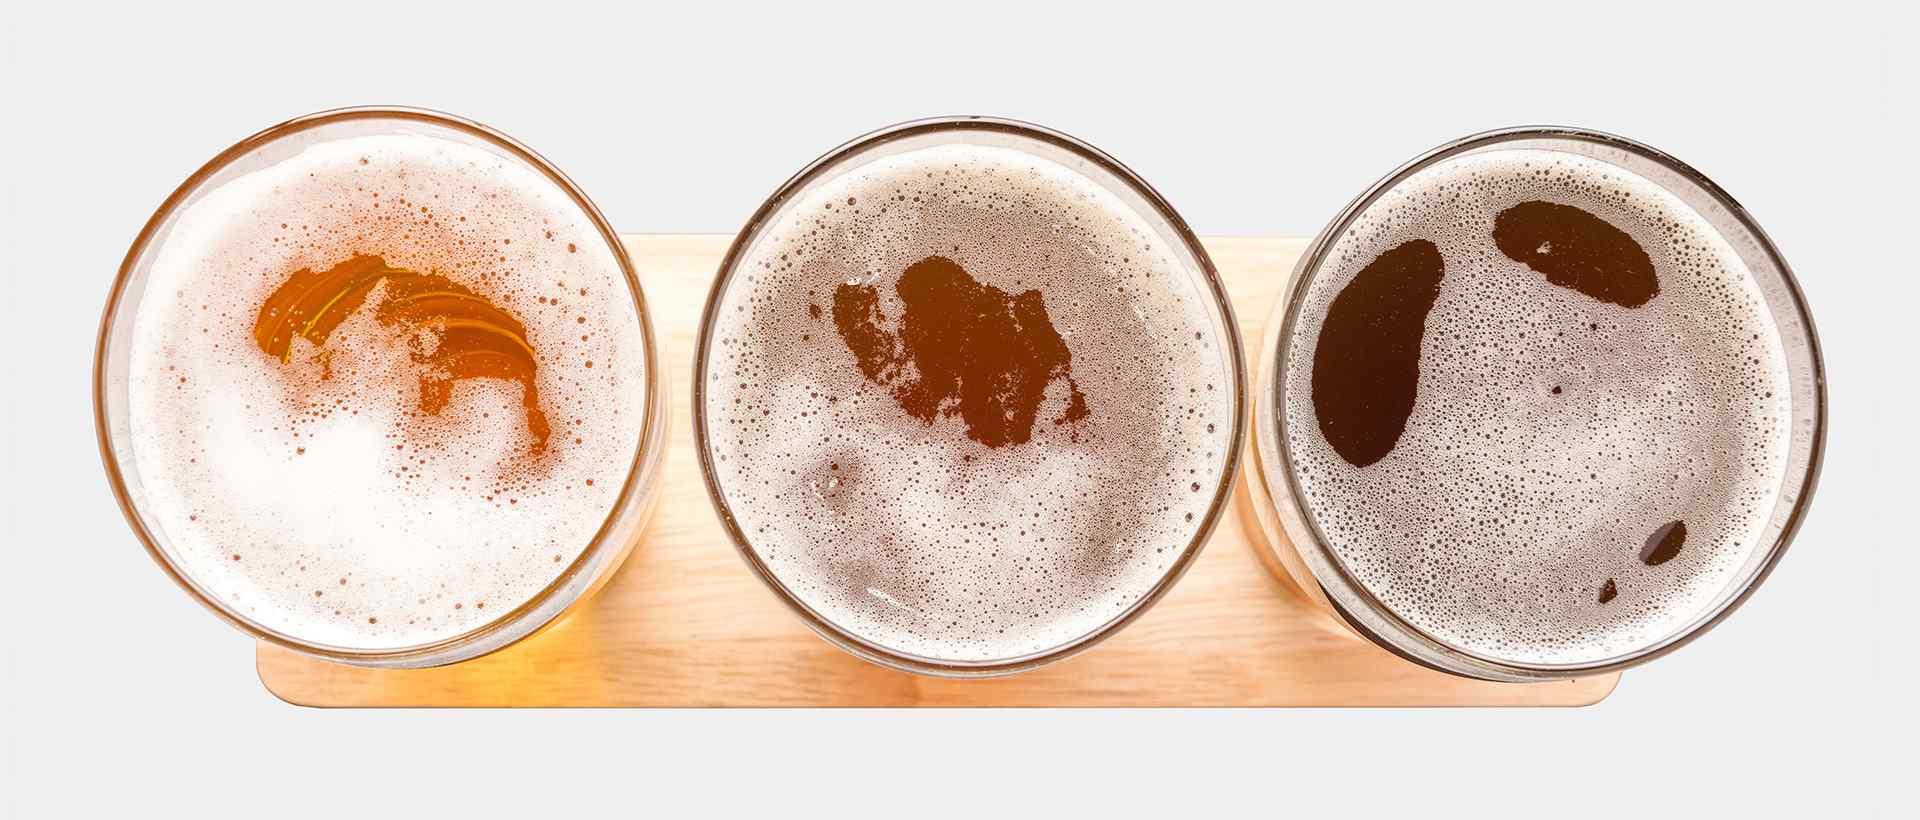 http://obbmadison.com/wp-content/uploads/2017/05/hero_beer_glasses.jpg